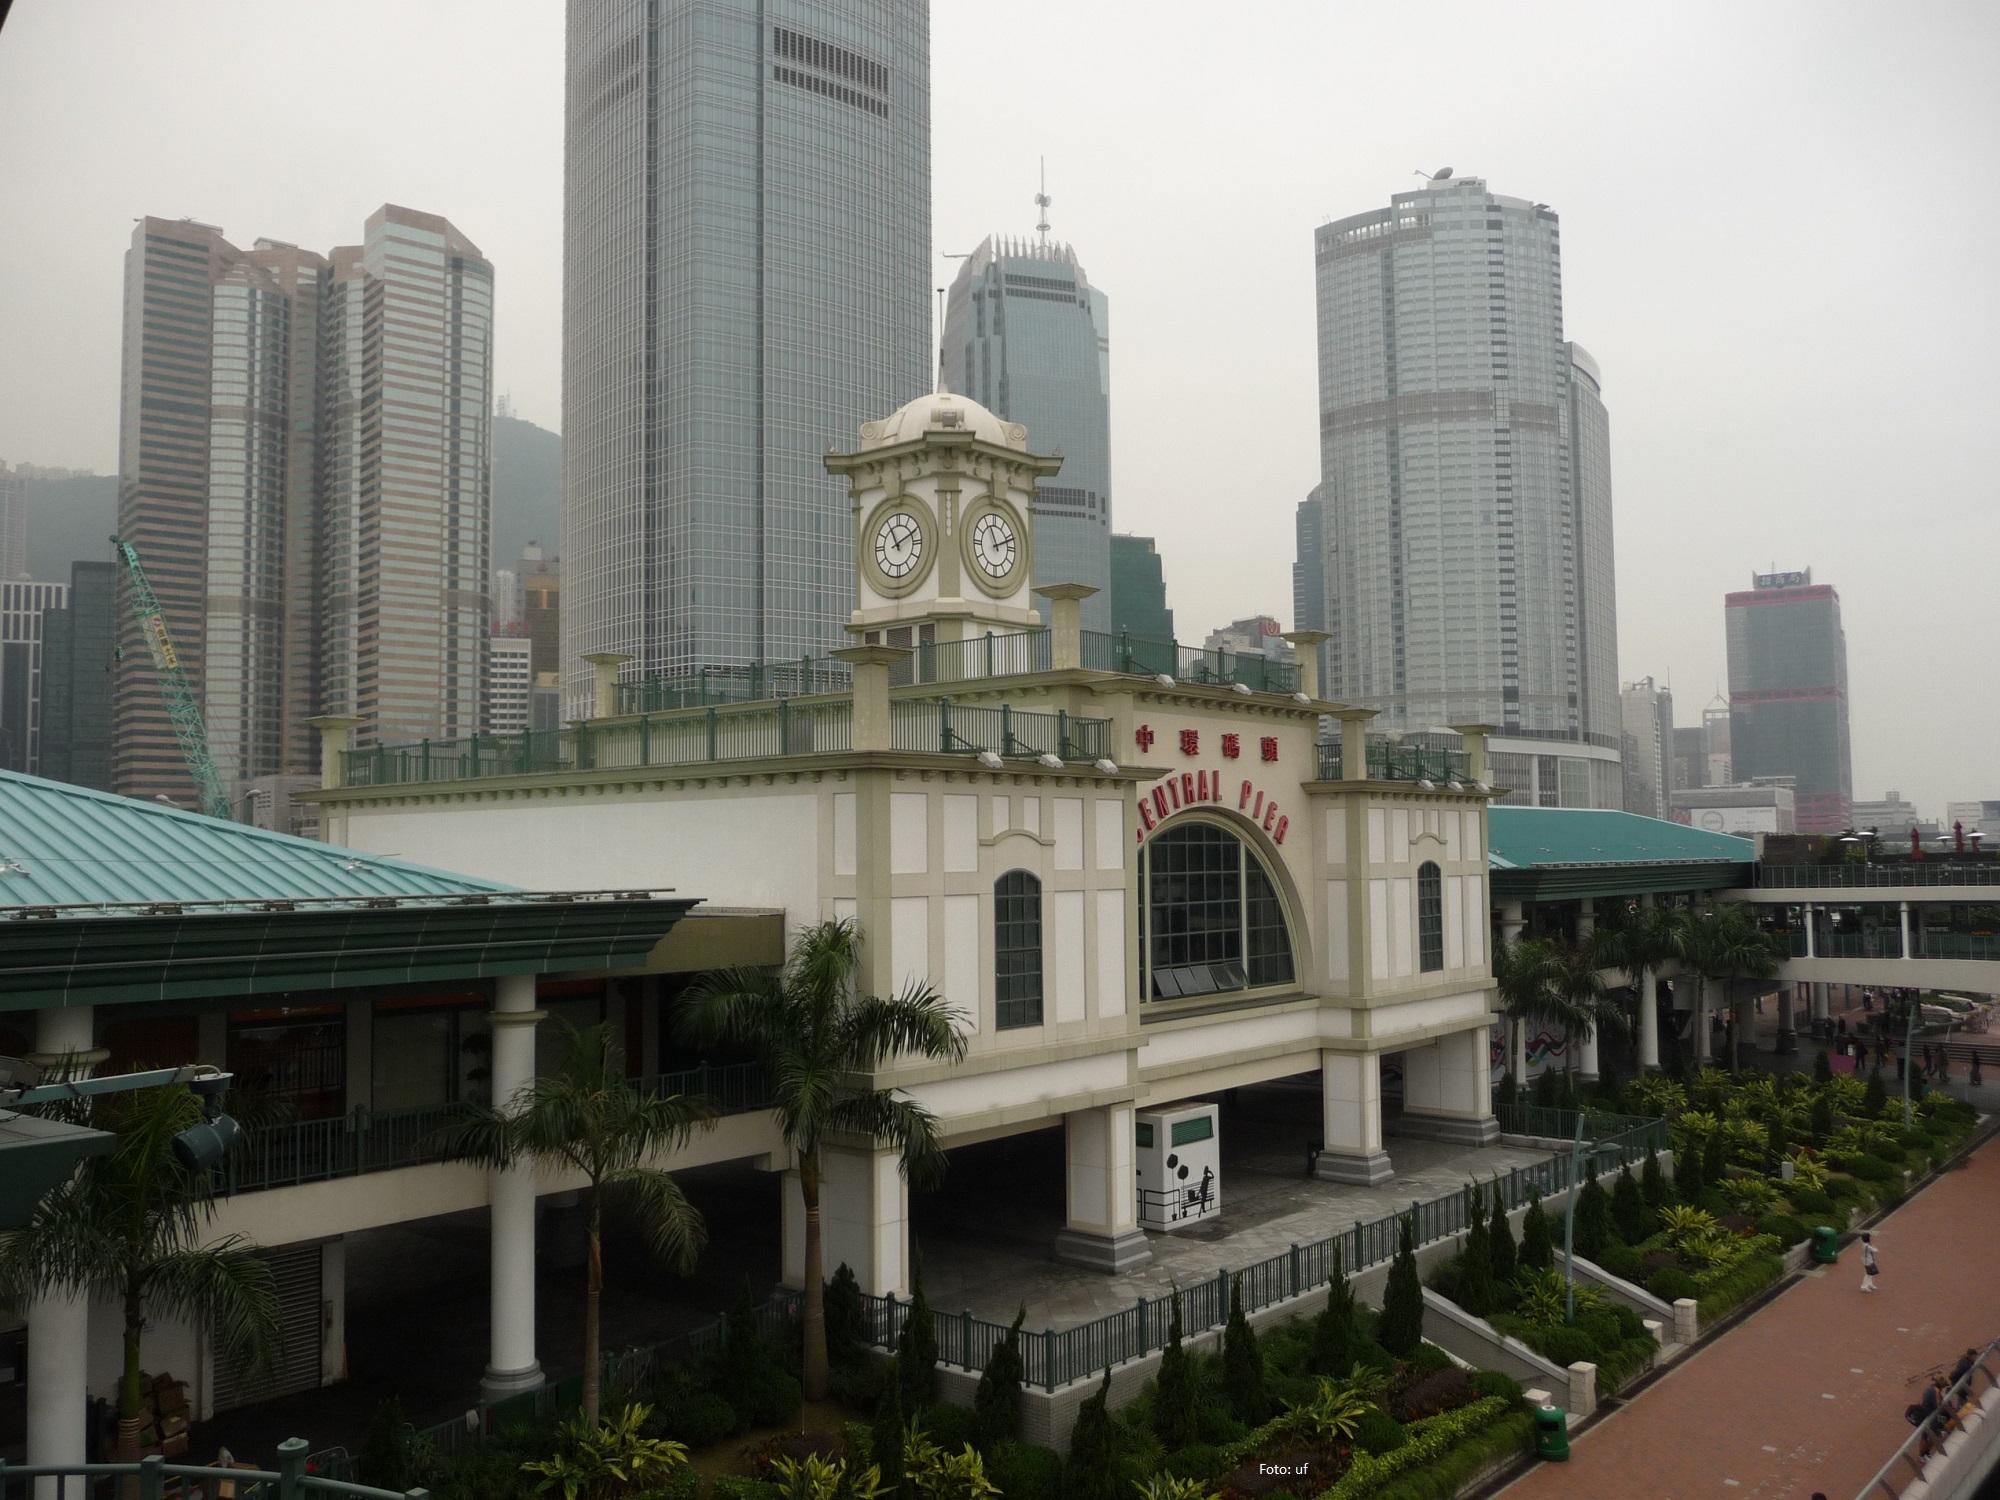 Central Pier - Victoria Harbour